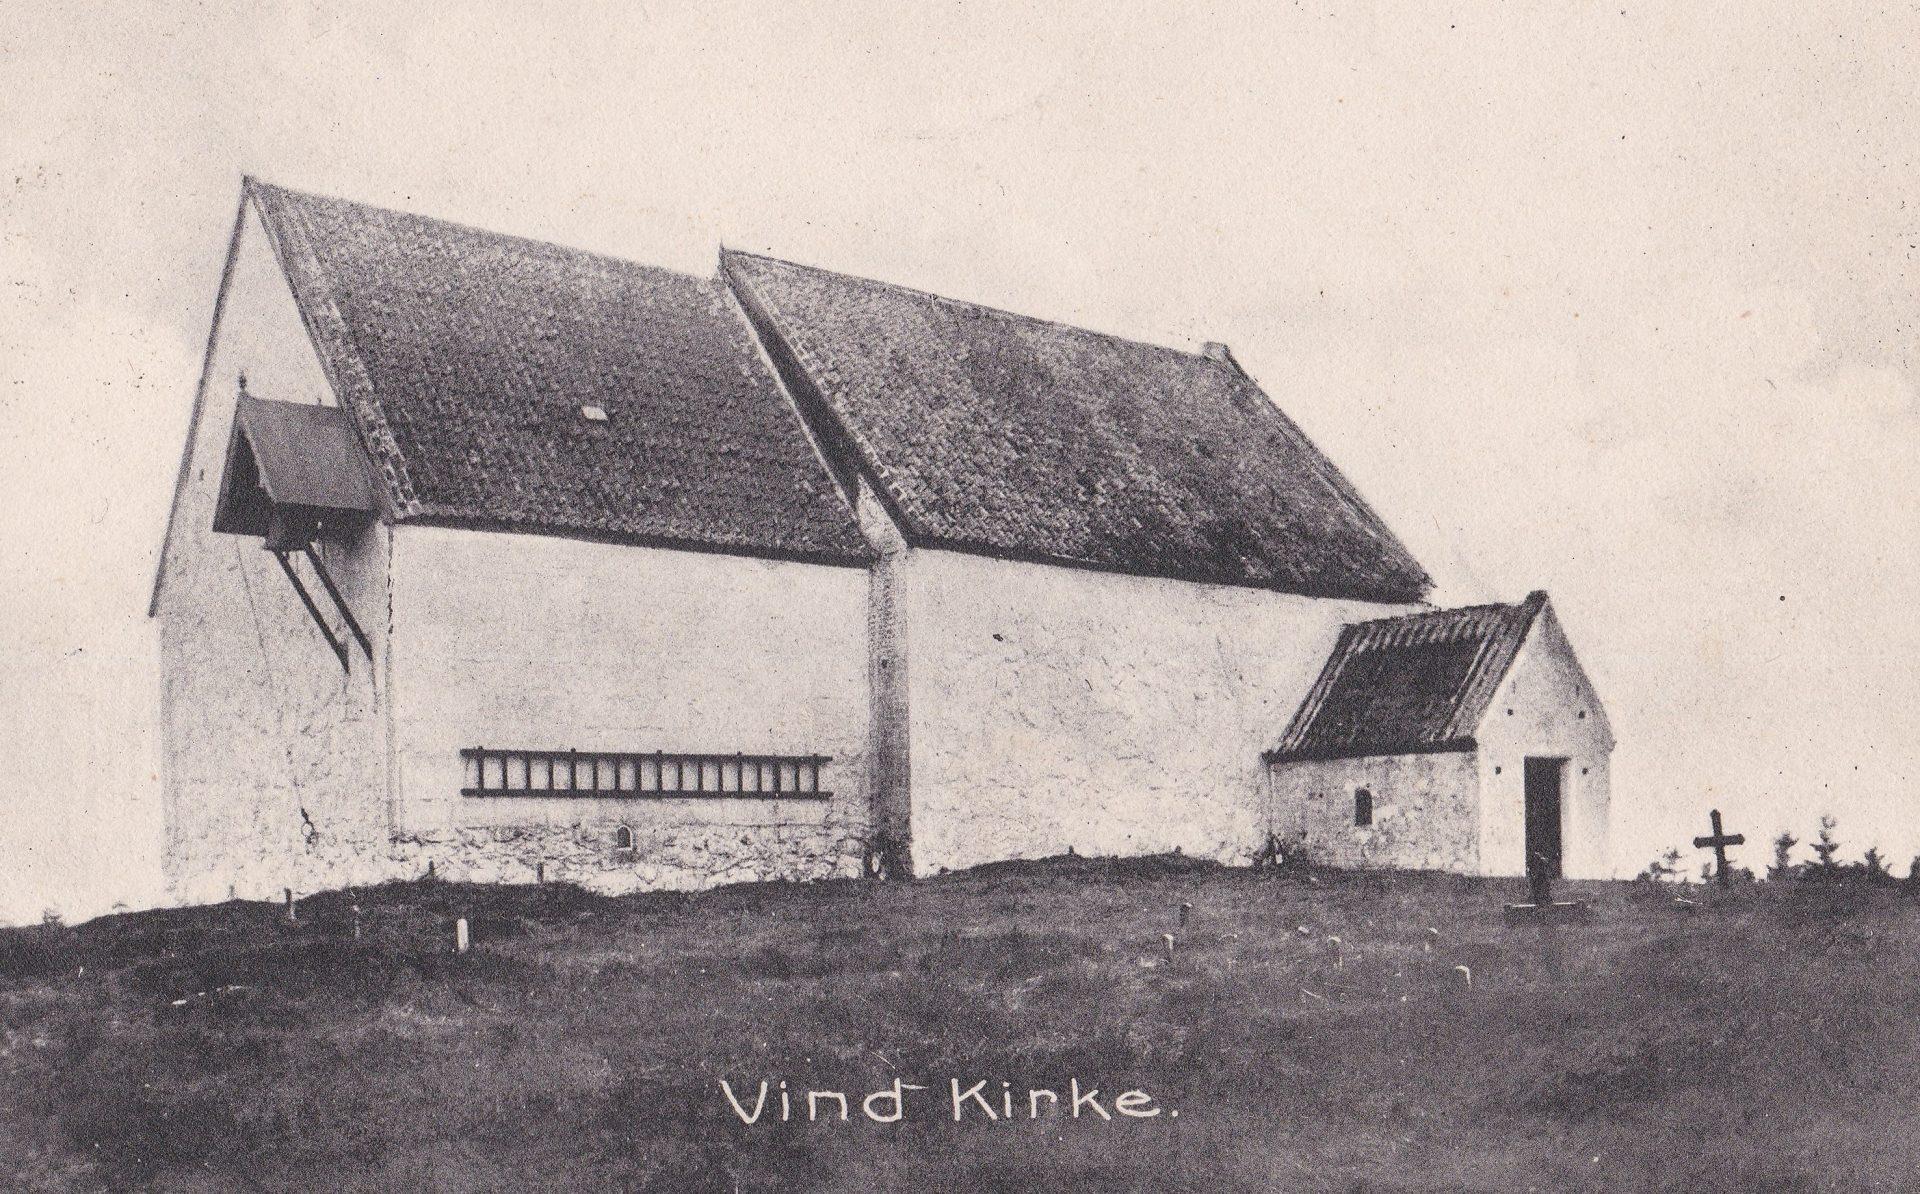 Vind kirke omkring år 1900.